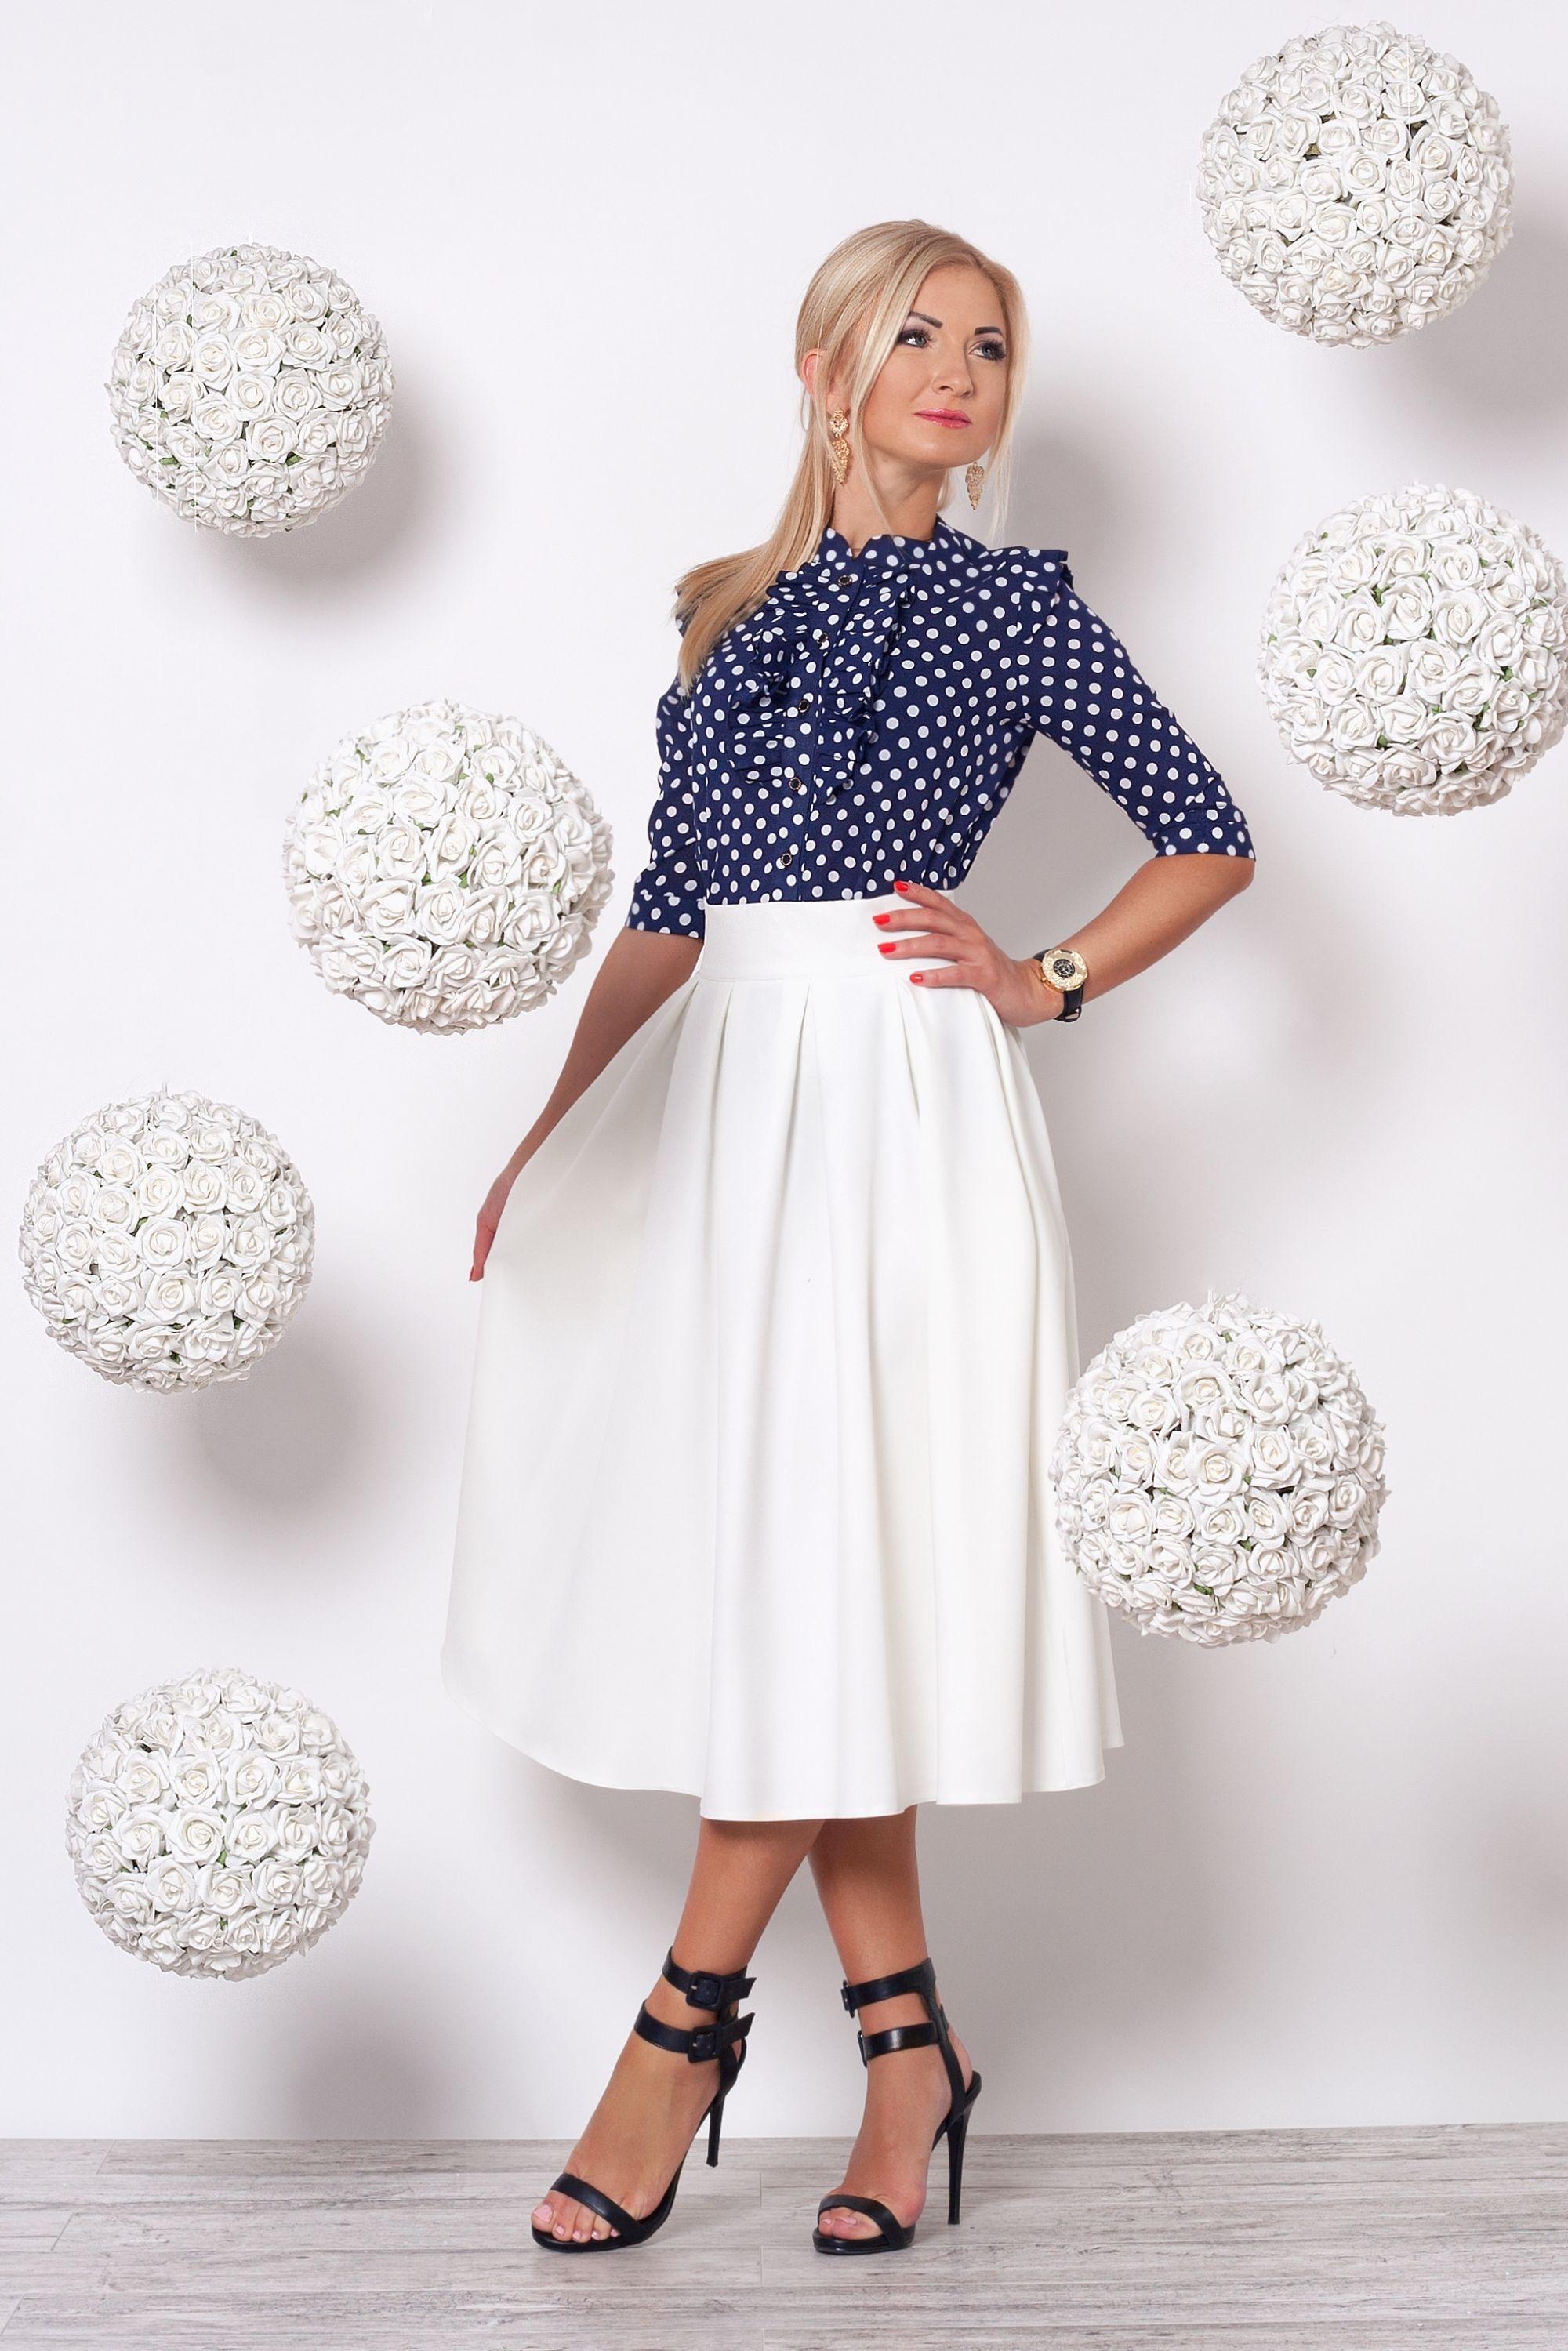 0a550c7de373 Костюм тёмно-синяя блуза и молочная юбка от украинского ...